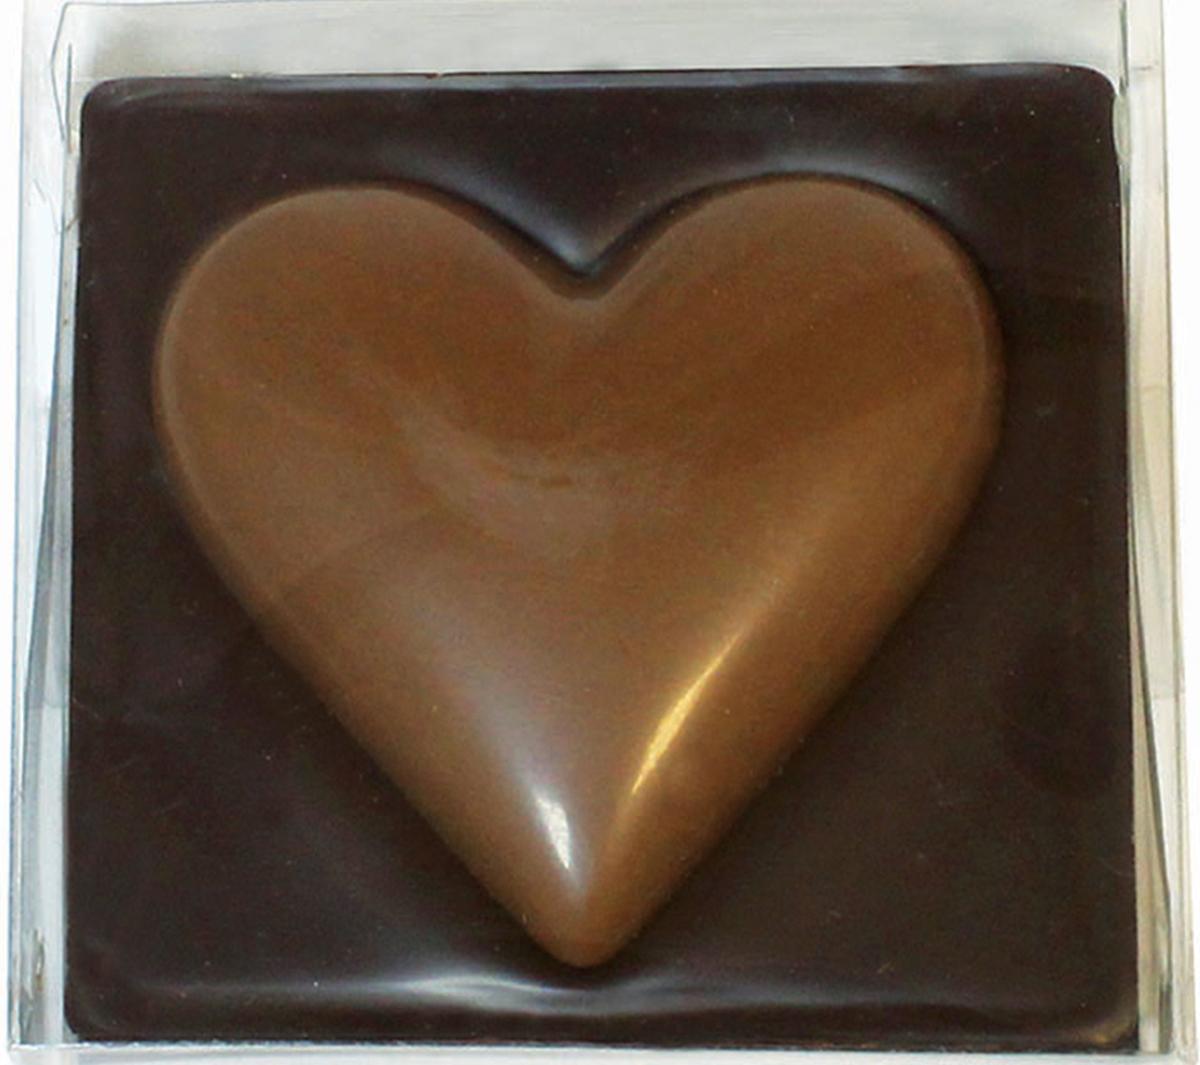 Chco Сердце молочный шоколад, 60 г chco марципановые шарики в ванильном сахар 150 г